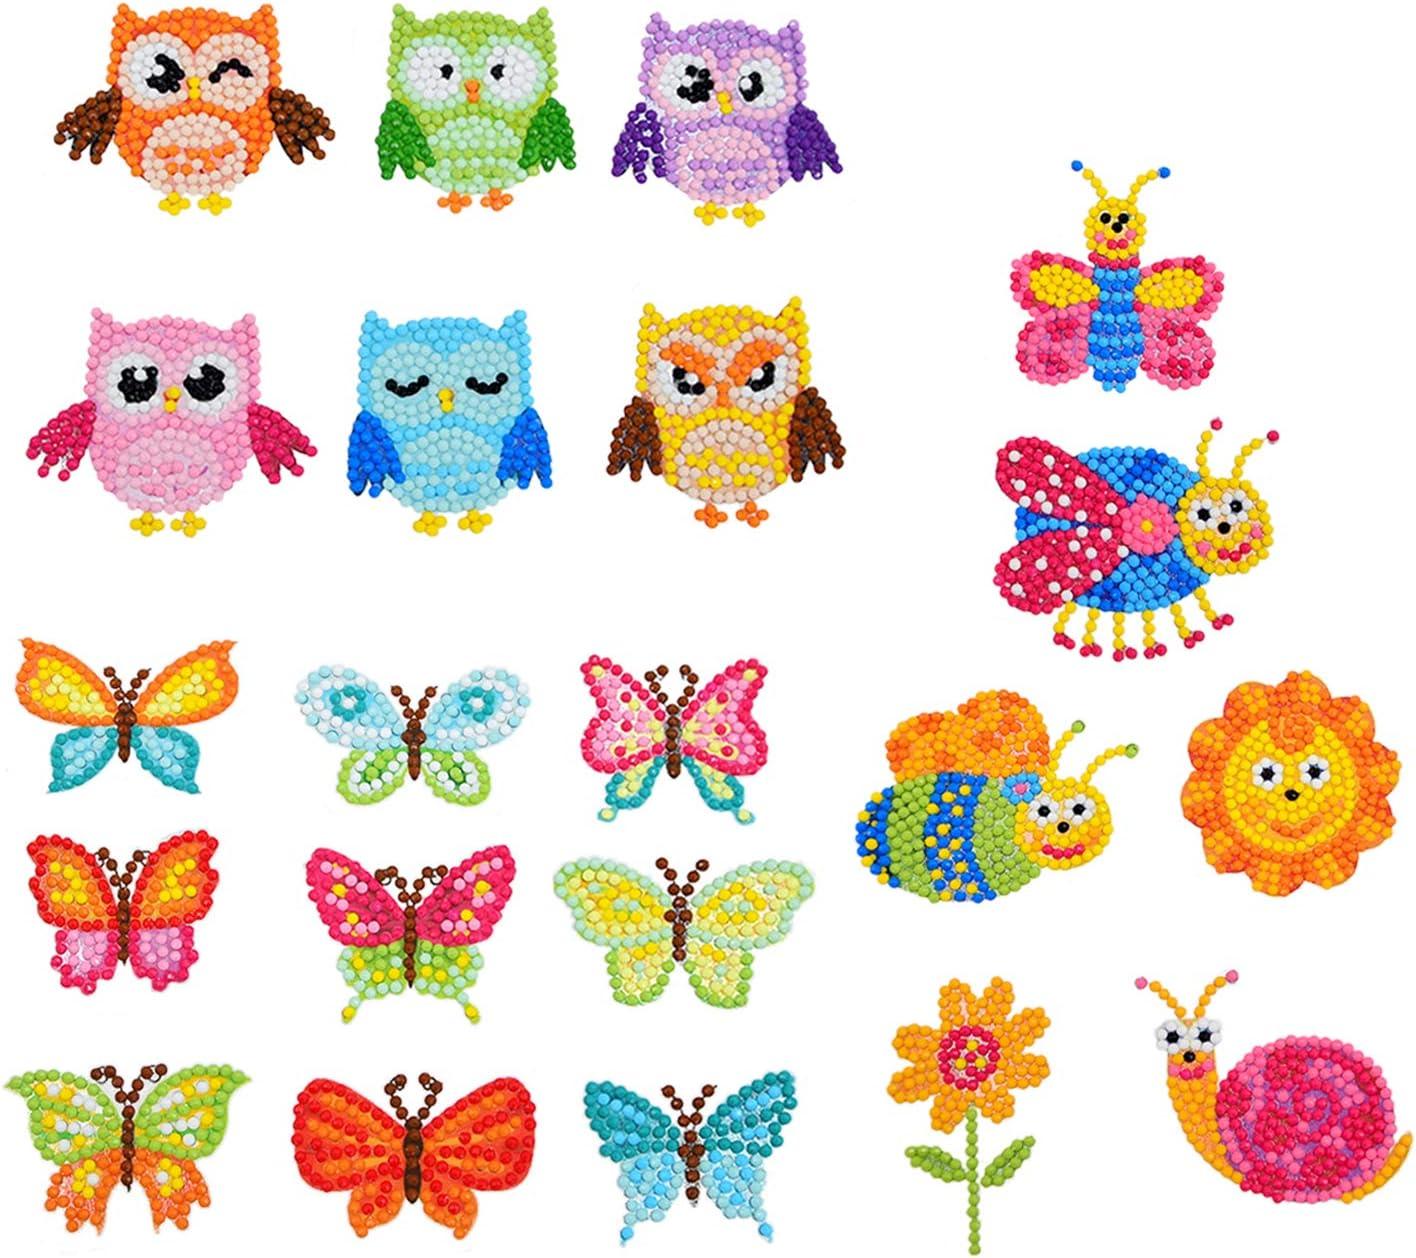 21er Juego de pintura de diamantes 5D para niño niña, juego de manualidades bricolaje pegatinas con imágenes pequeñas para hacer colgantes animales Dotz, juegos de imitación para regalo de cumpleaños